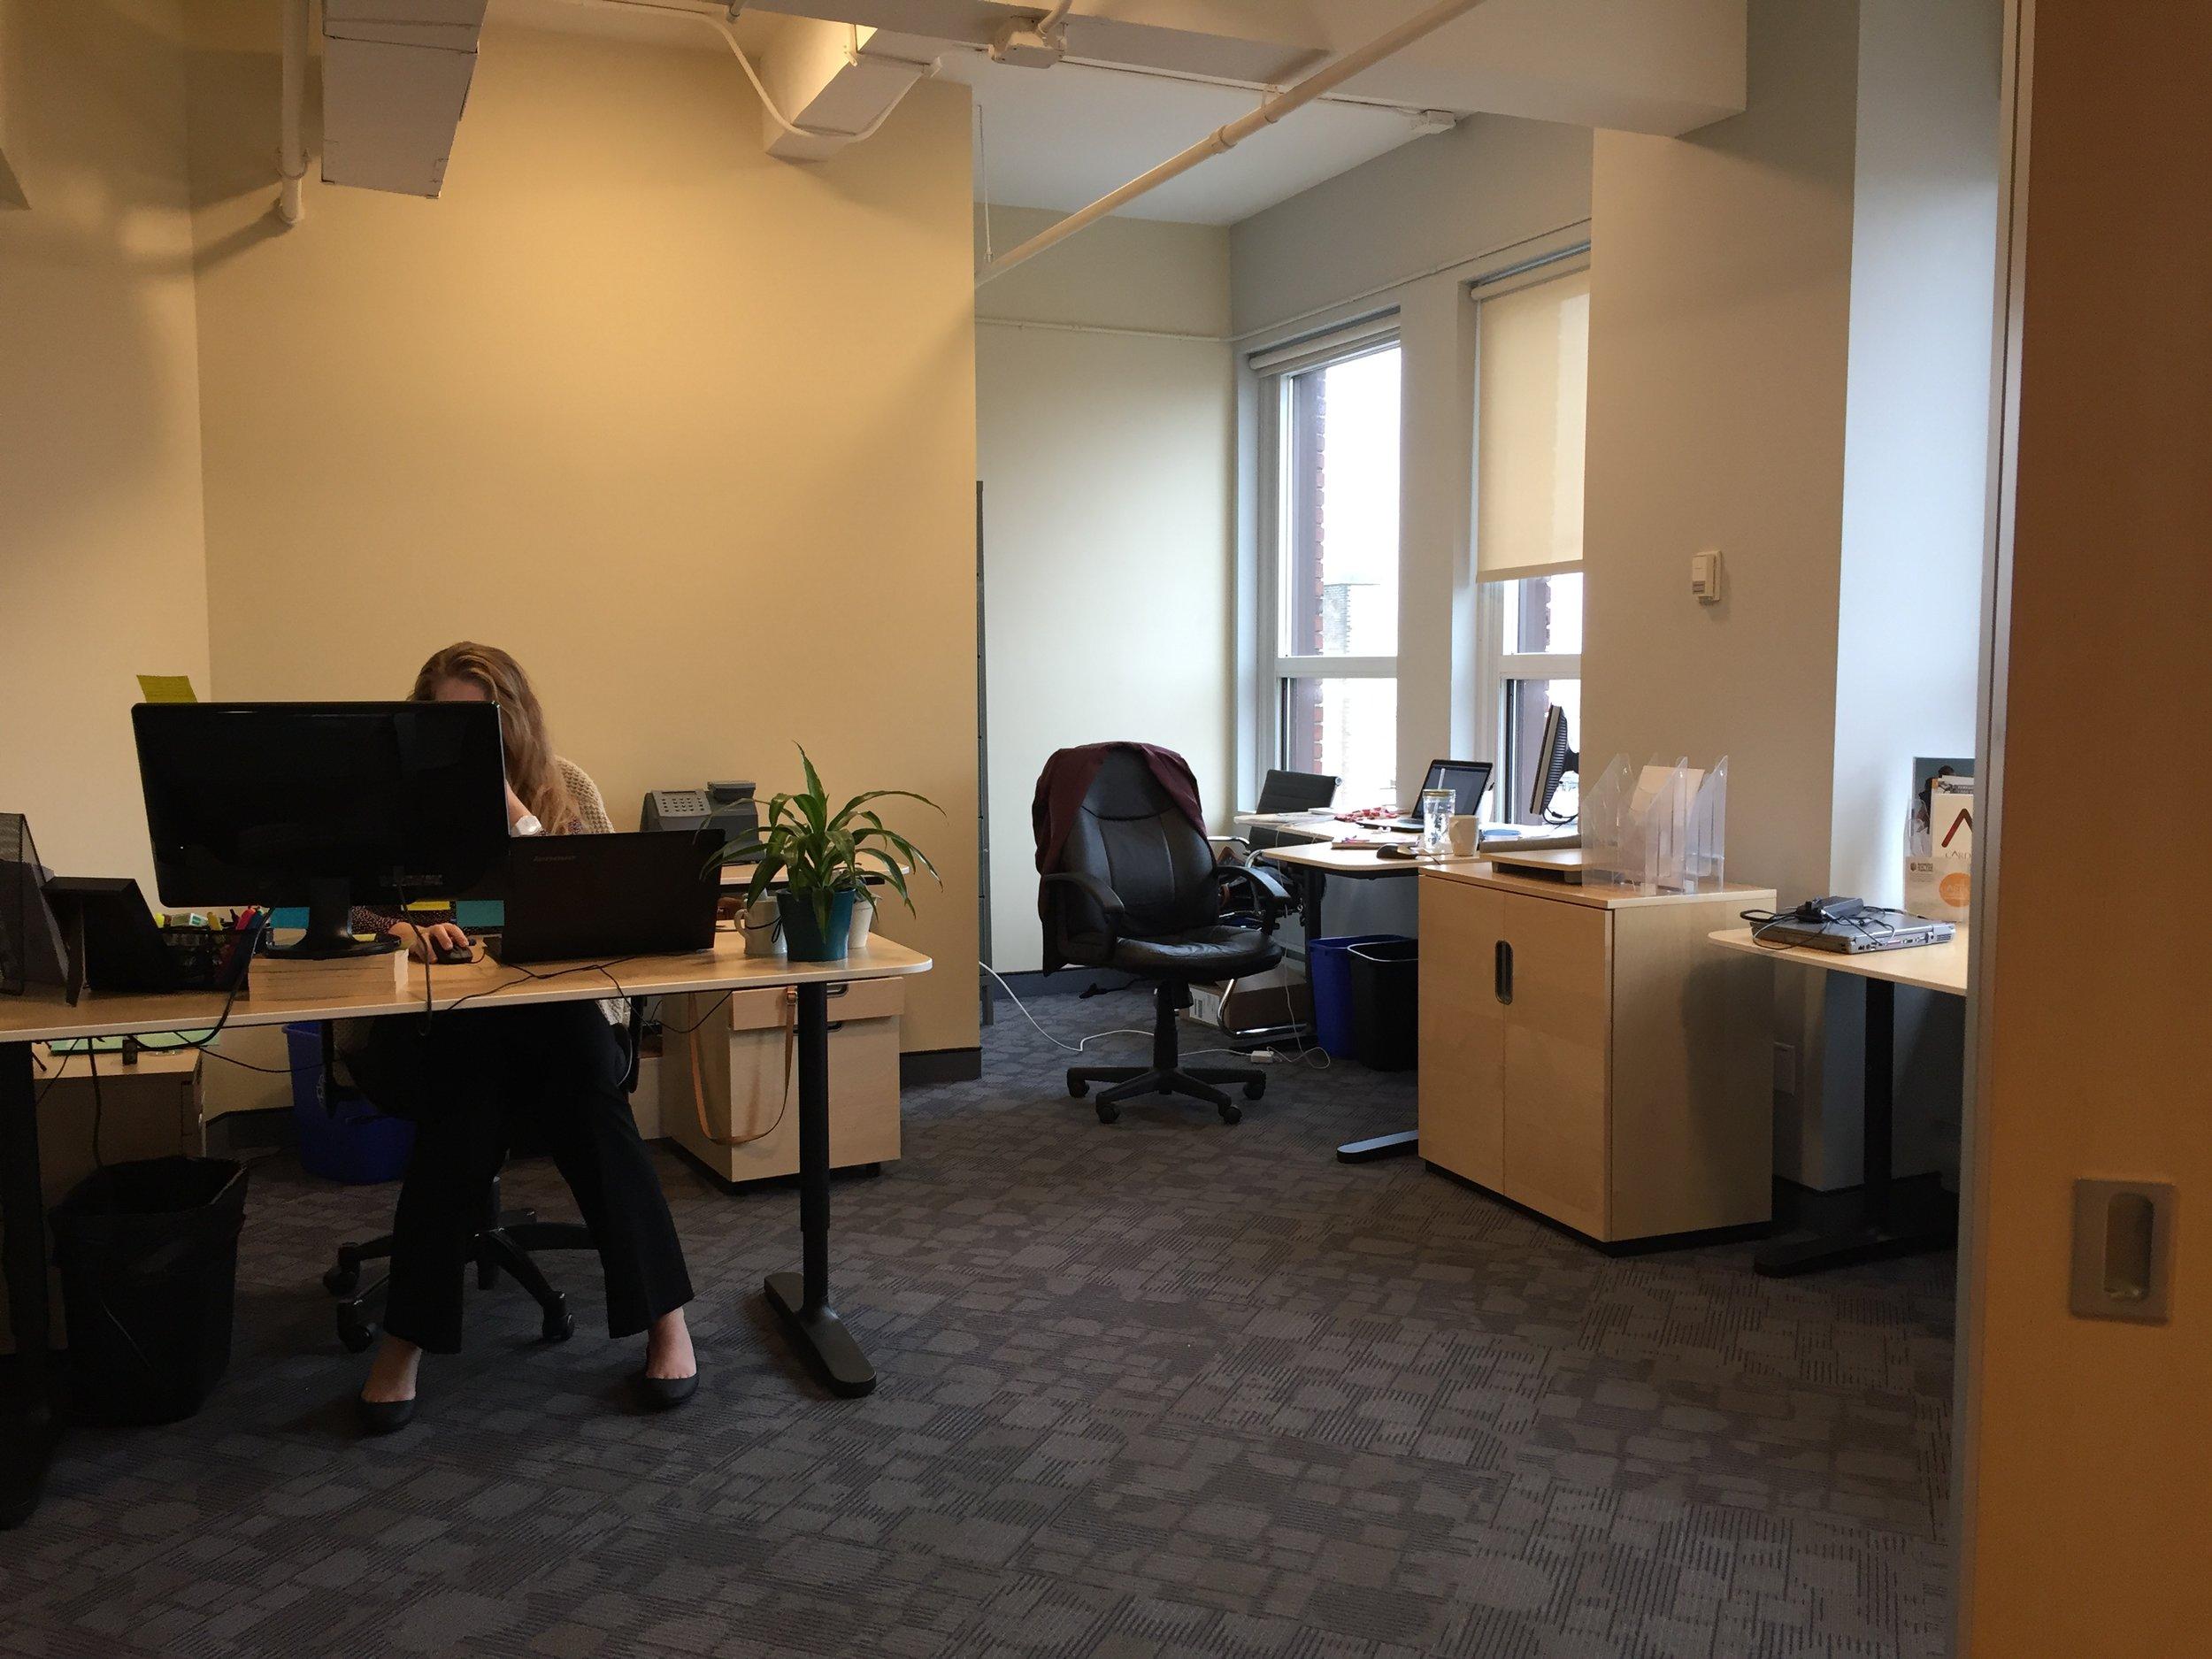 Rachel is hiding behind her desk...Rachel is boss :)